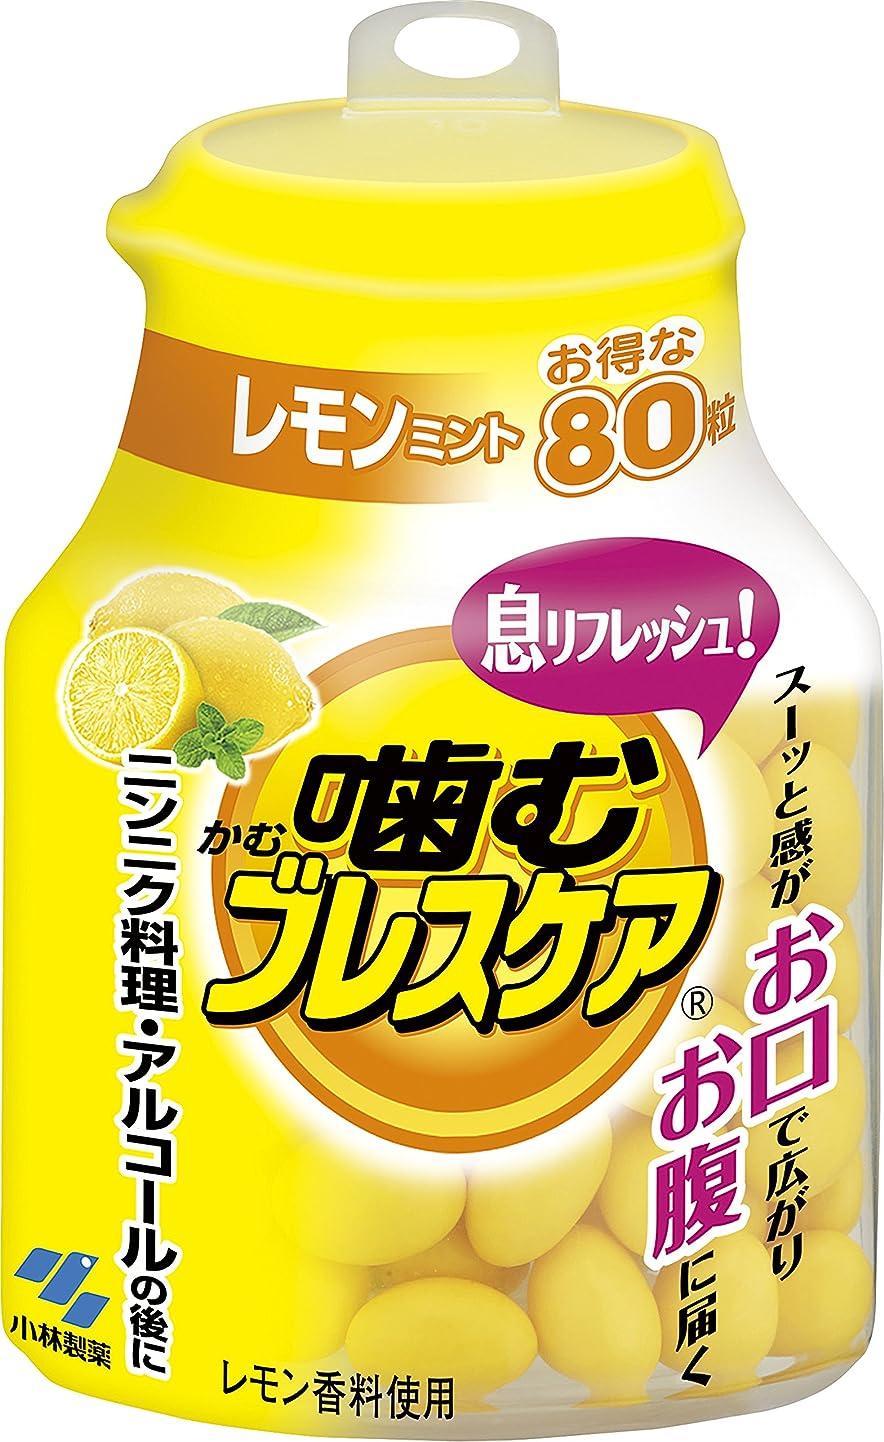 好奇心ほとんどの場合資金噛むブレスケア レモンミント 80粒